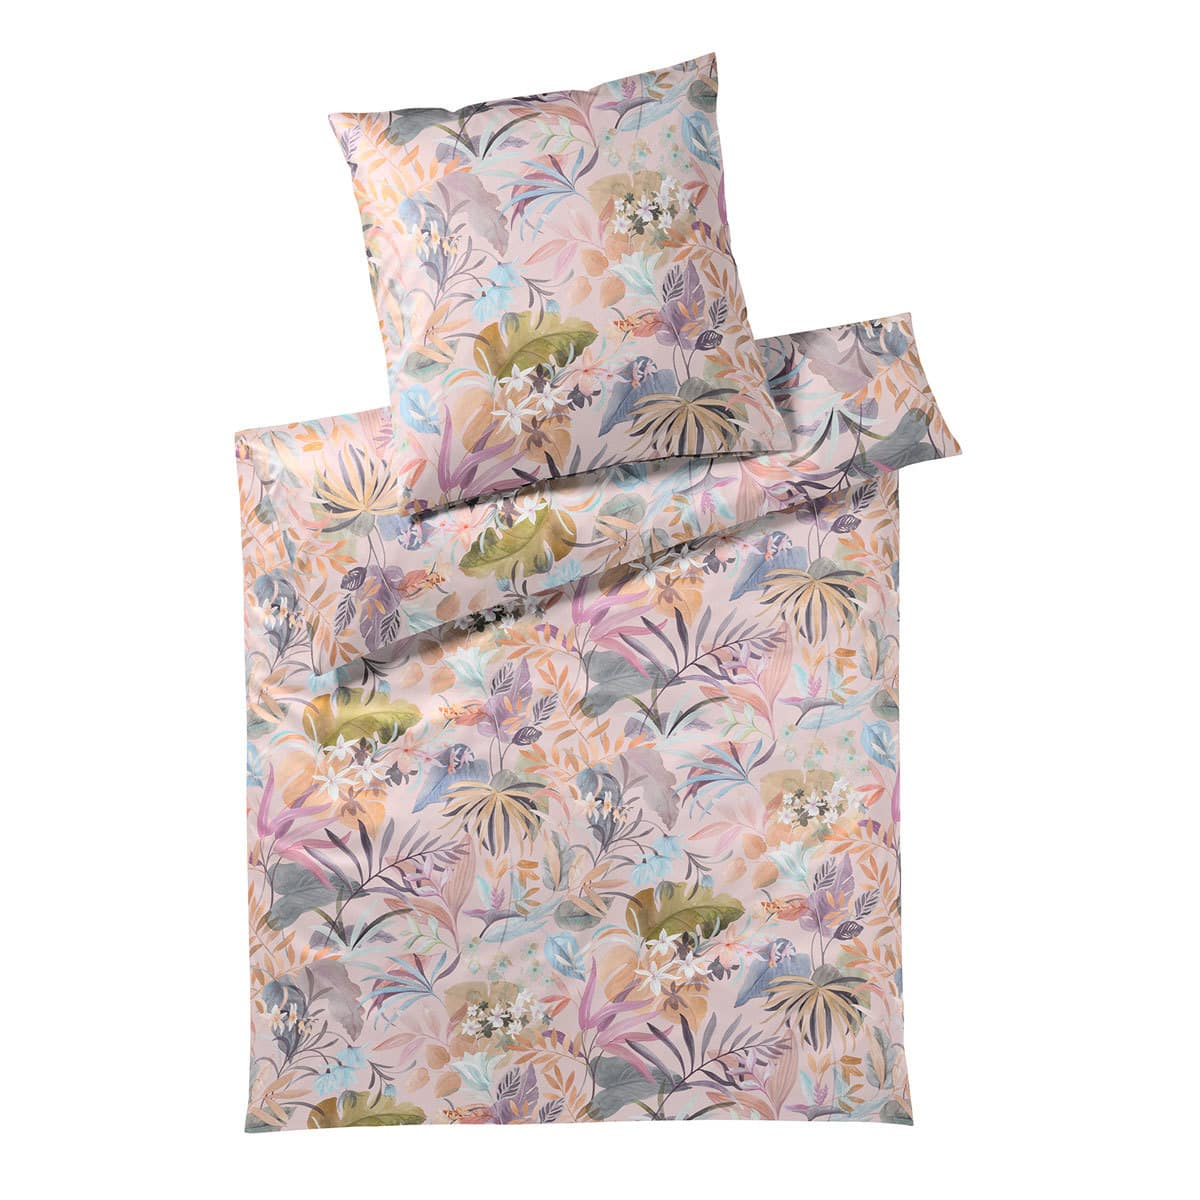 elegante mako satin bettw sche tropic puder g nstig online kaufen bei bettwaren shop. Black Bedroom Furniture Sets. Home Design Ideas